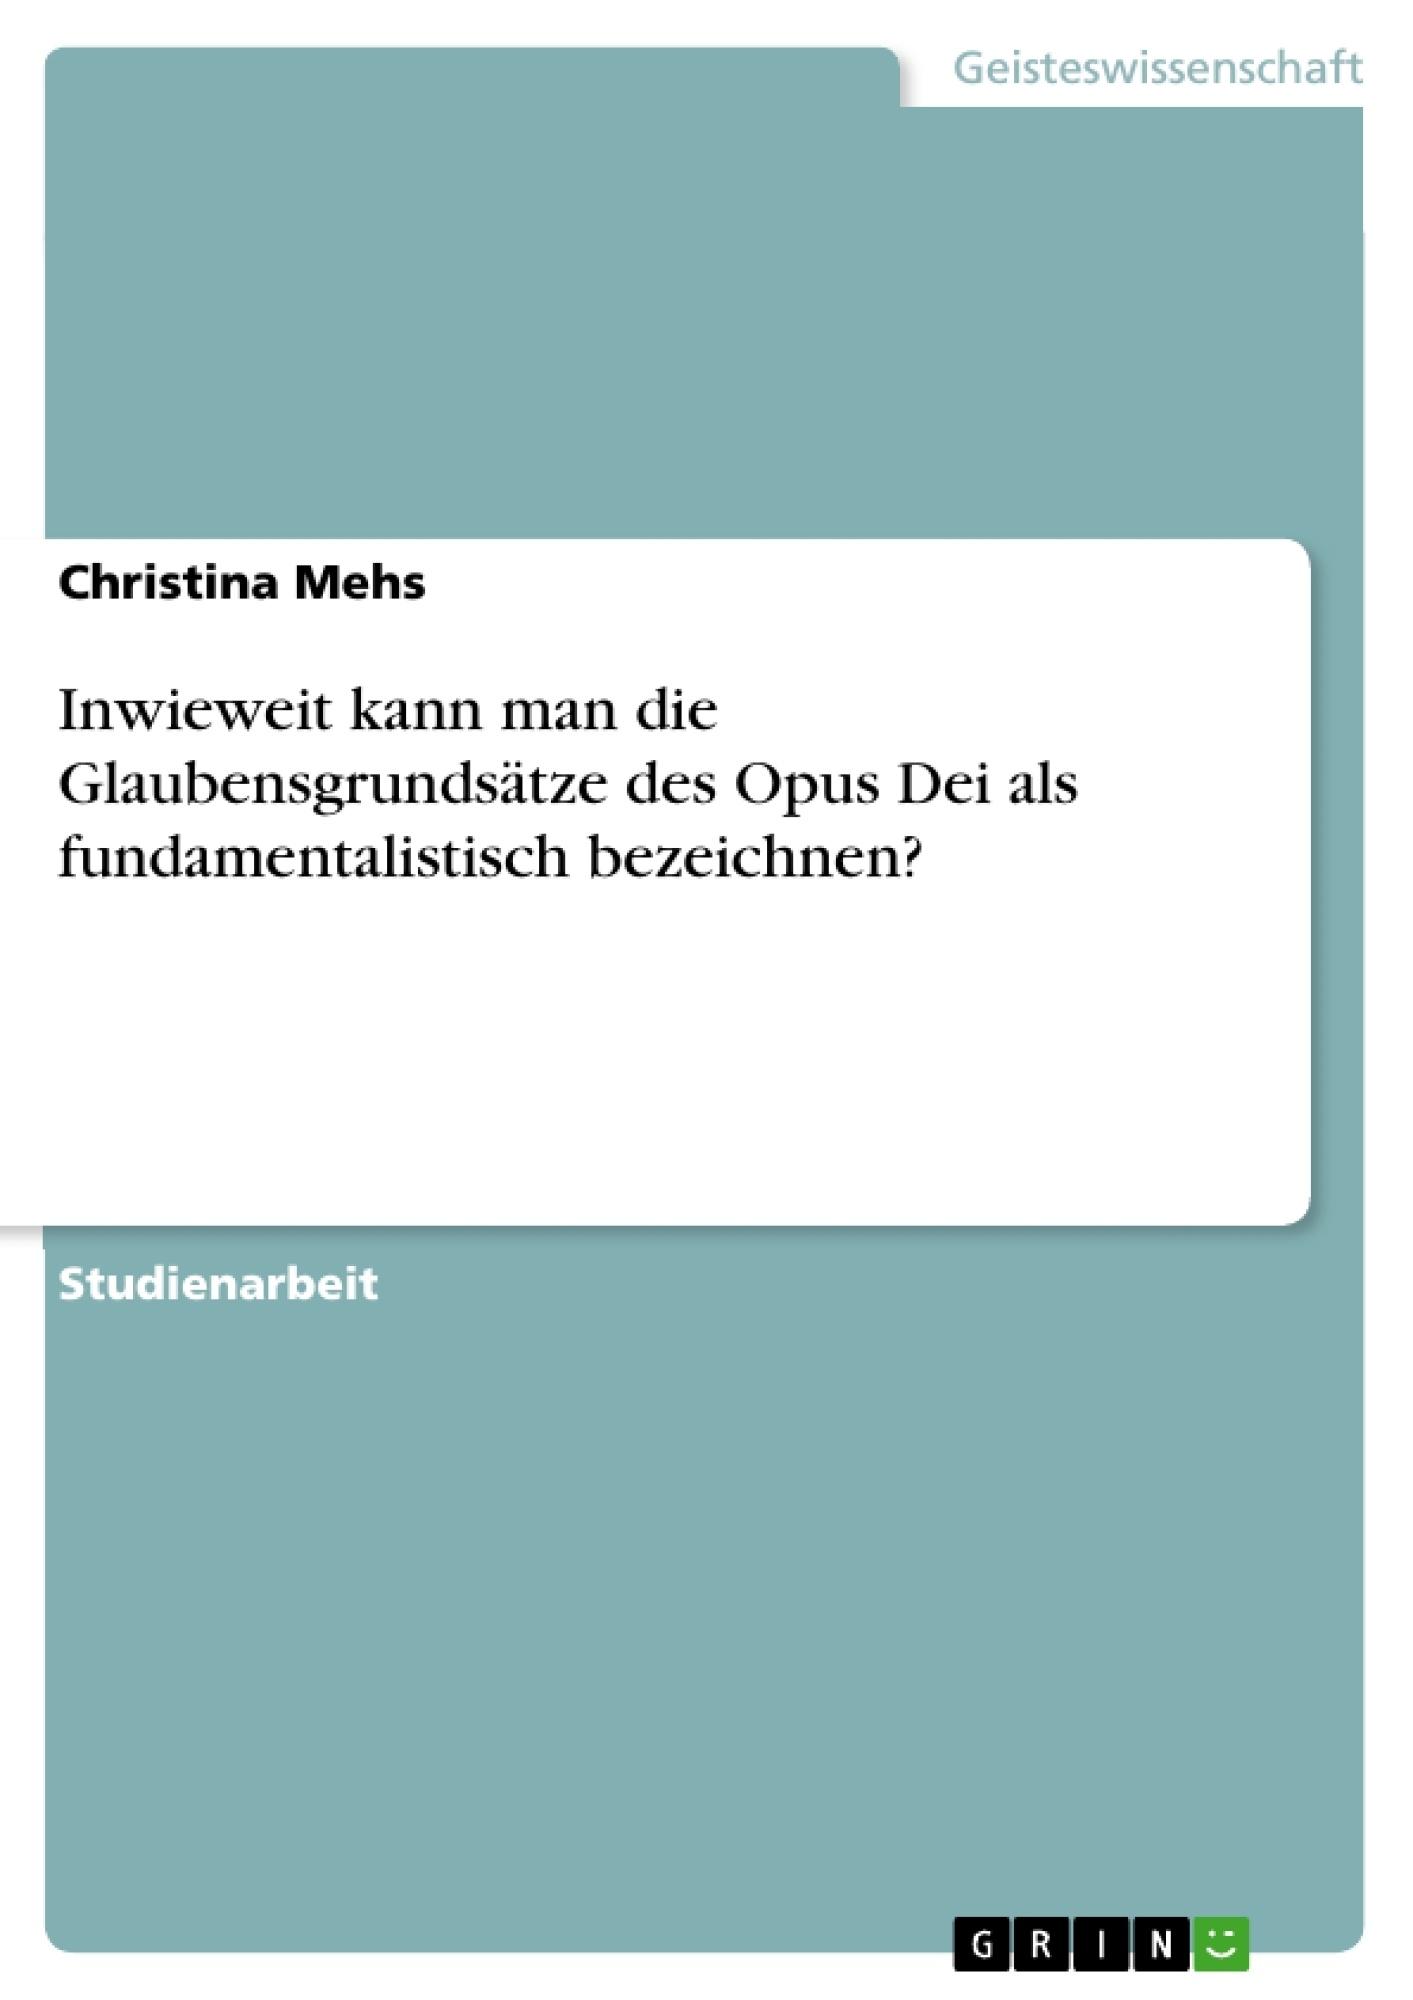 Titel: Inwieweit kann man die Glaubensgrundsätze des Opus Dei als fundamentalistisch bezeichnen?